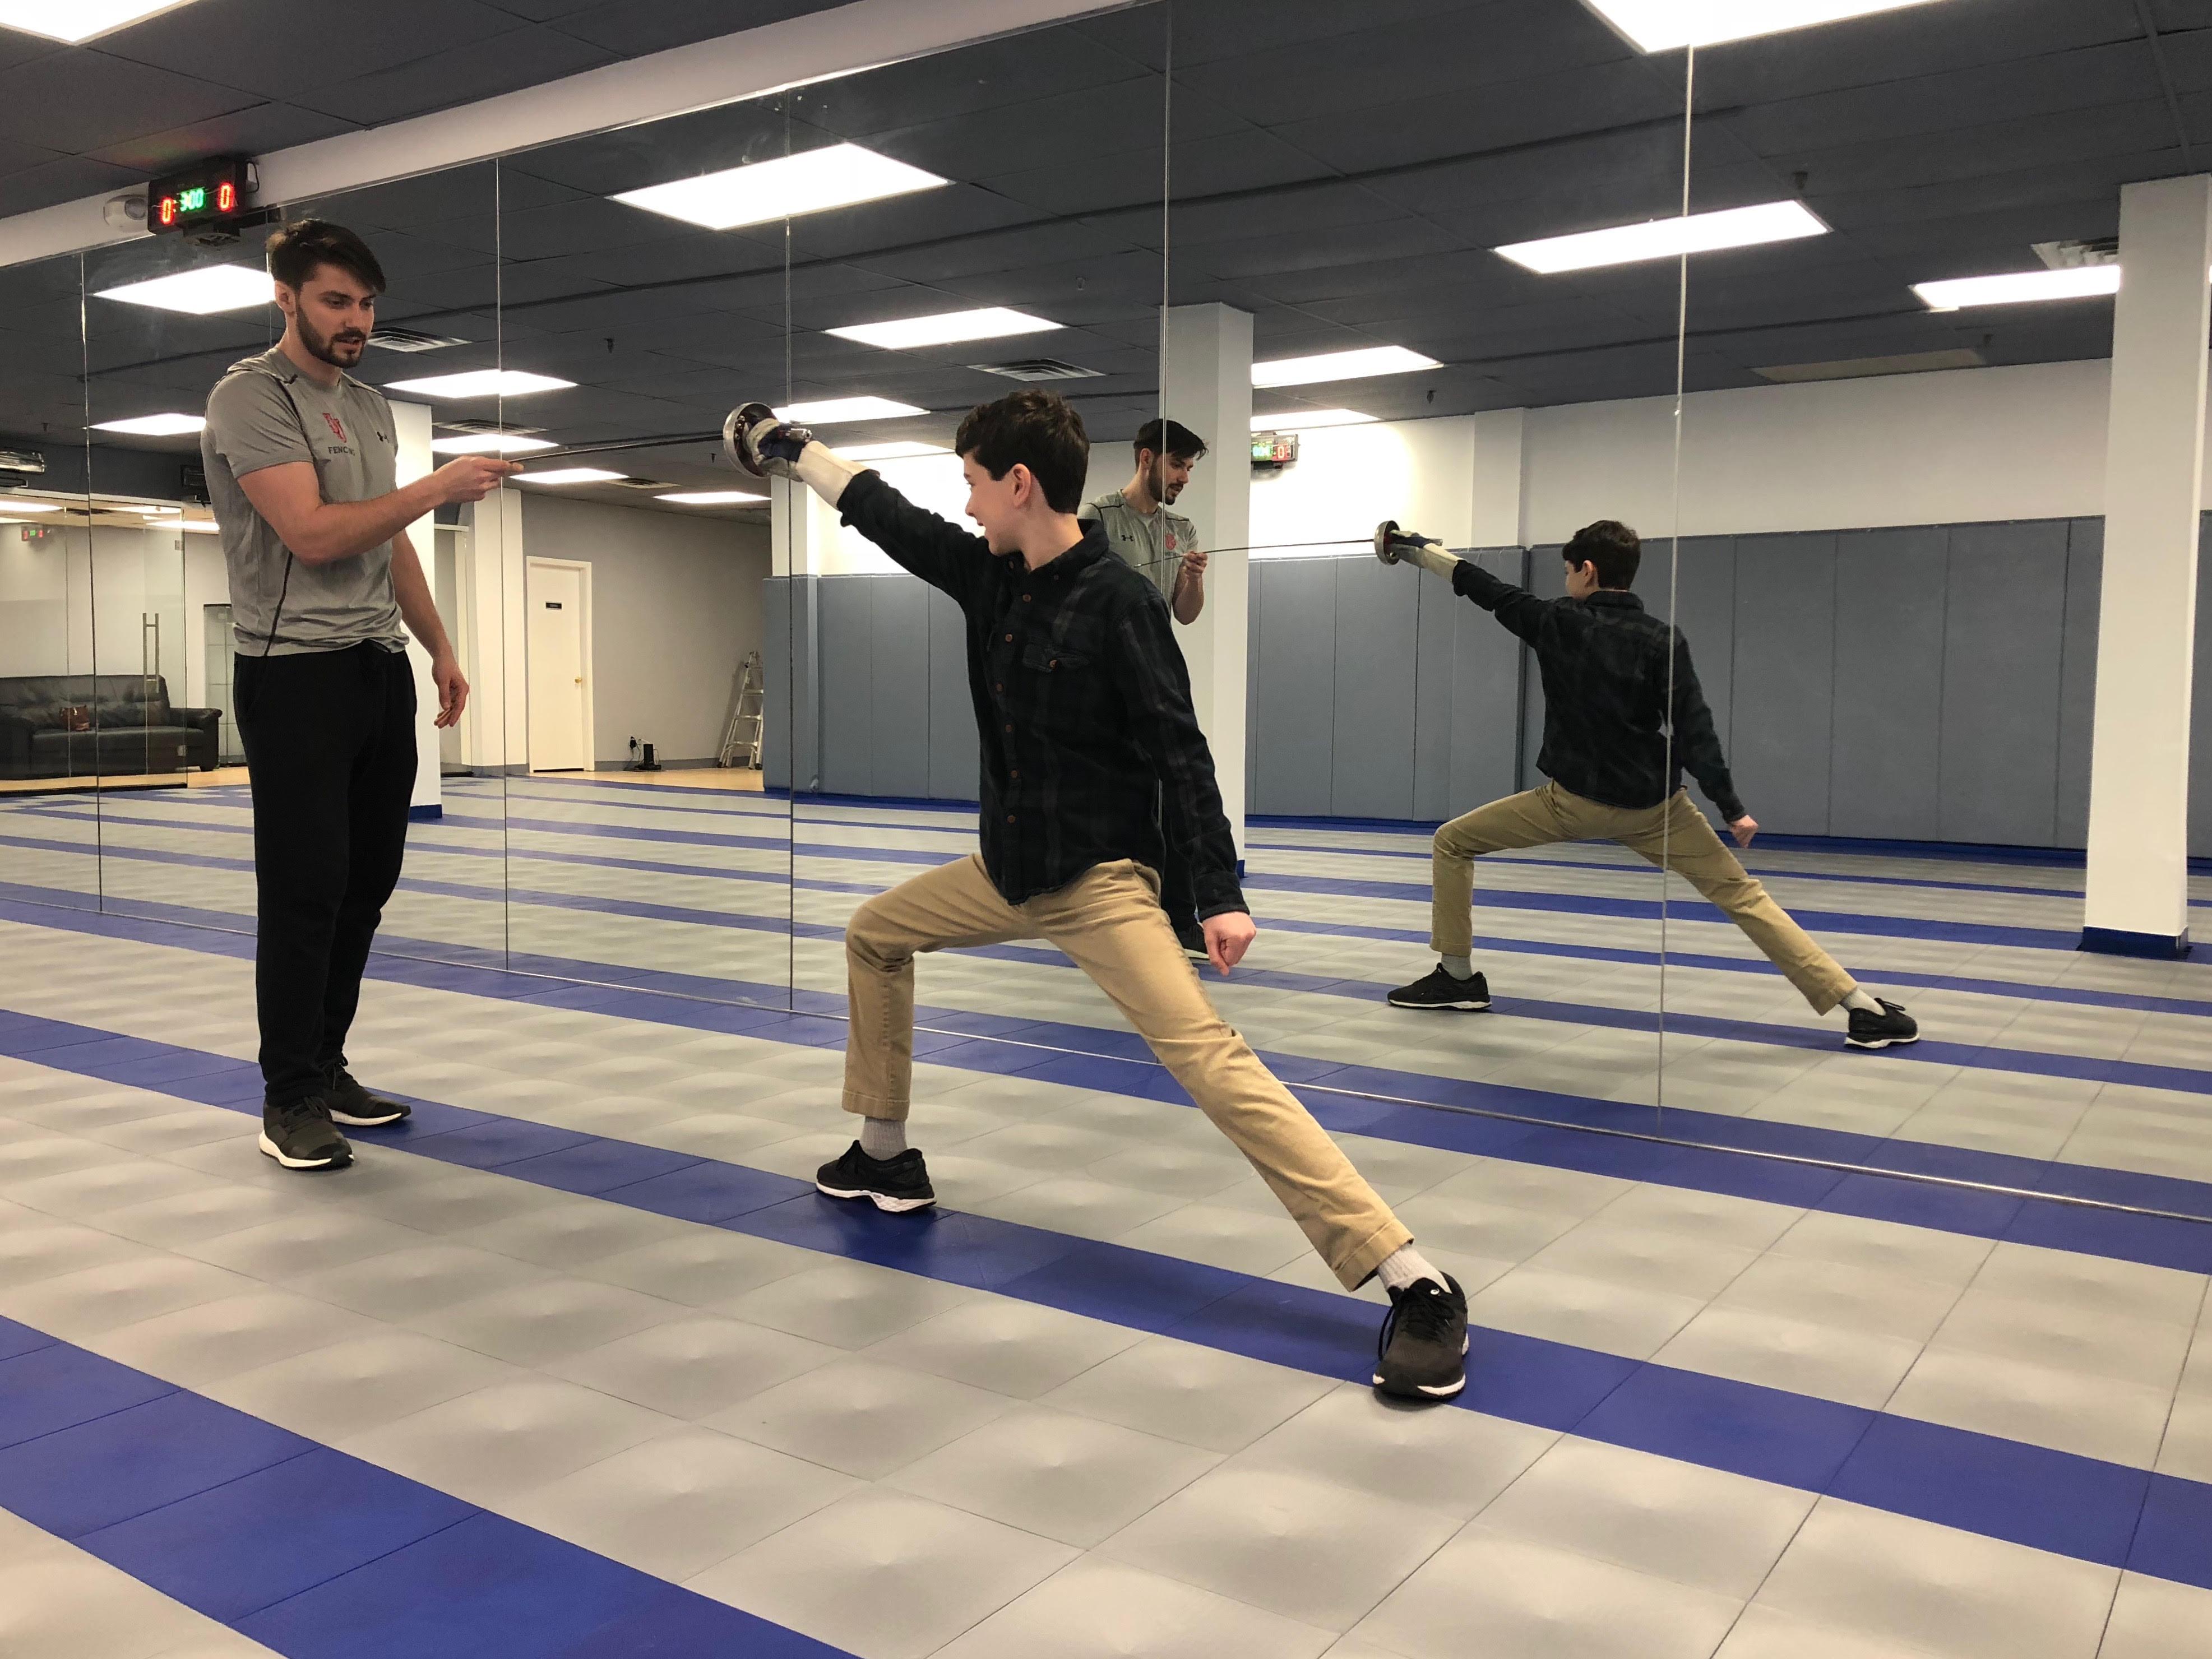 Long Island Fencing Club